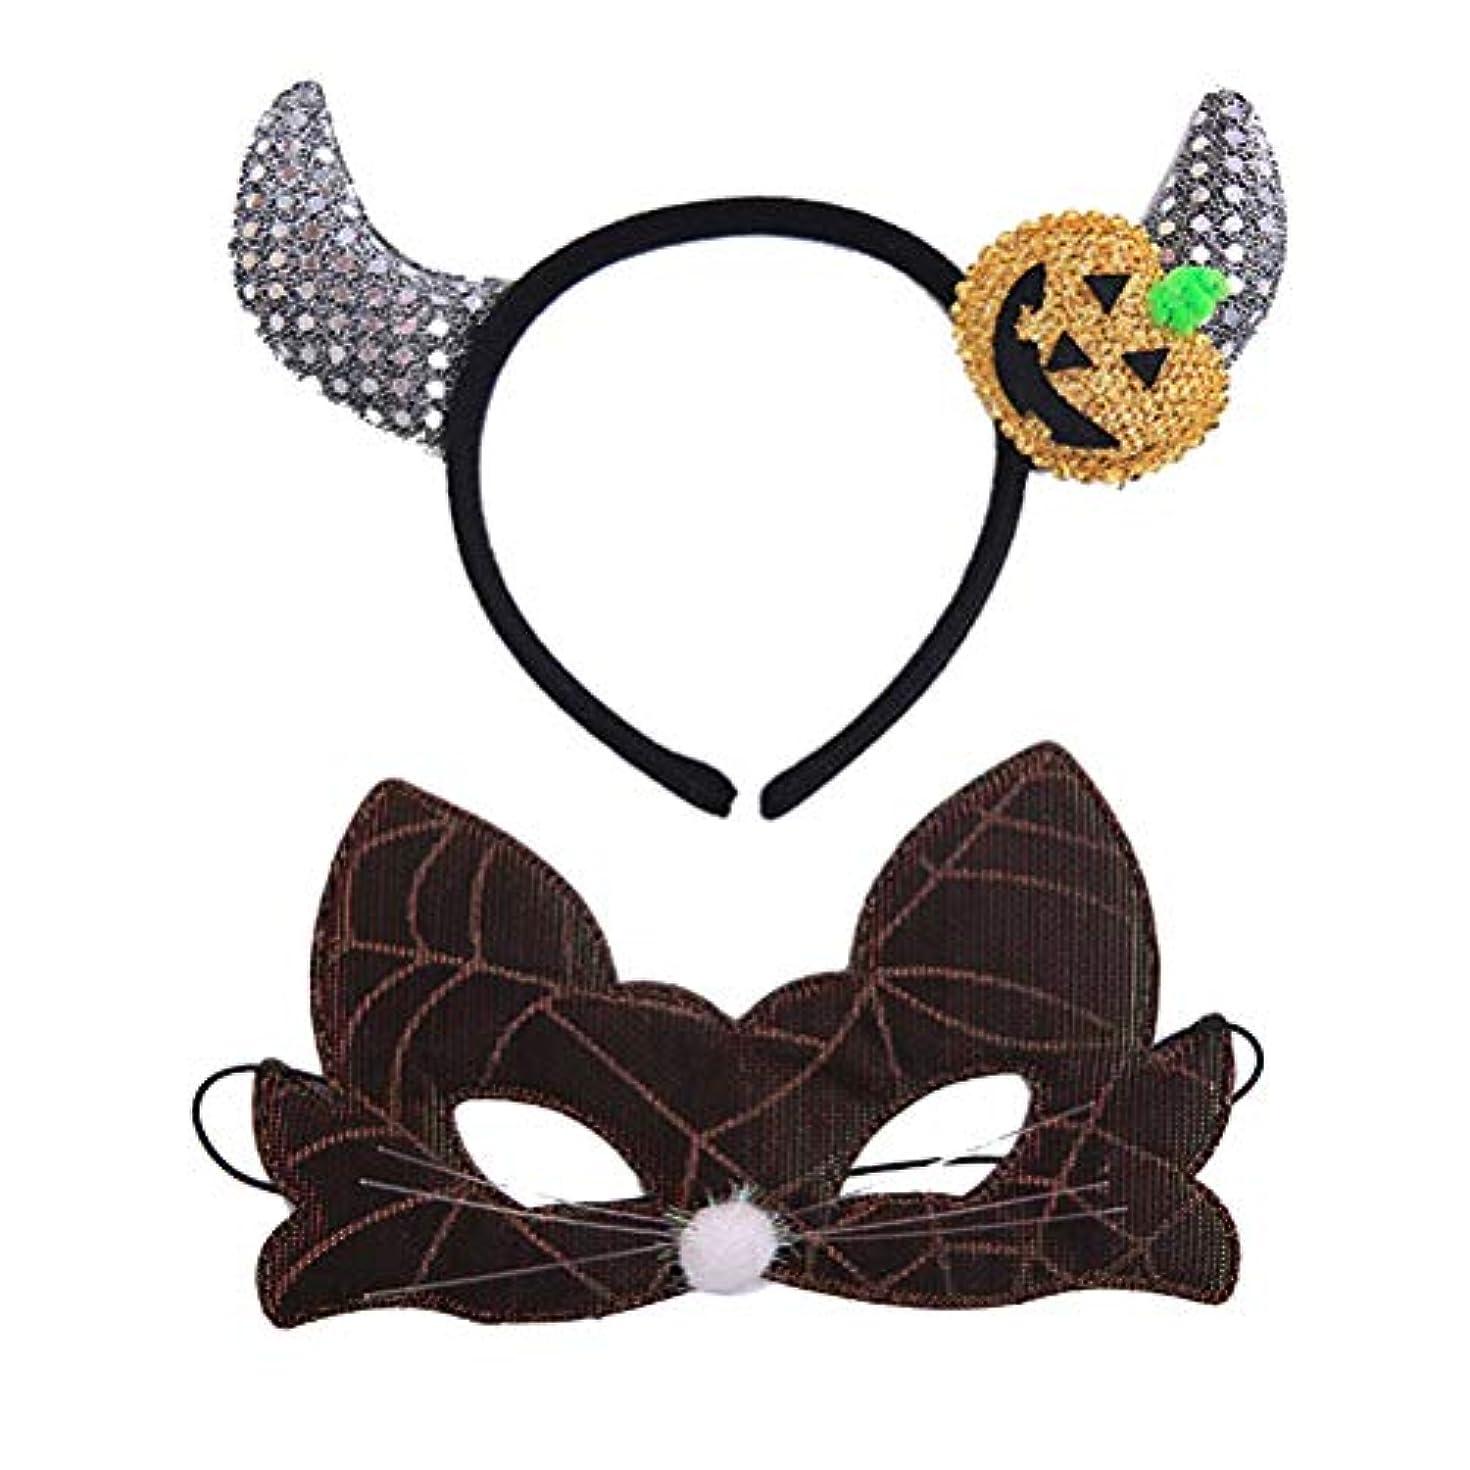 道徳のトランジスタベルトBESTOYARD ハロウィーン悪魔ホーンヘッドバンドとアイマスク子供コスプレホーンヘッドギアドレスアップパーティー衣装(2セット)